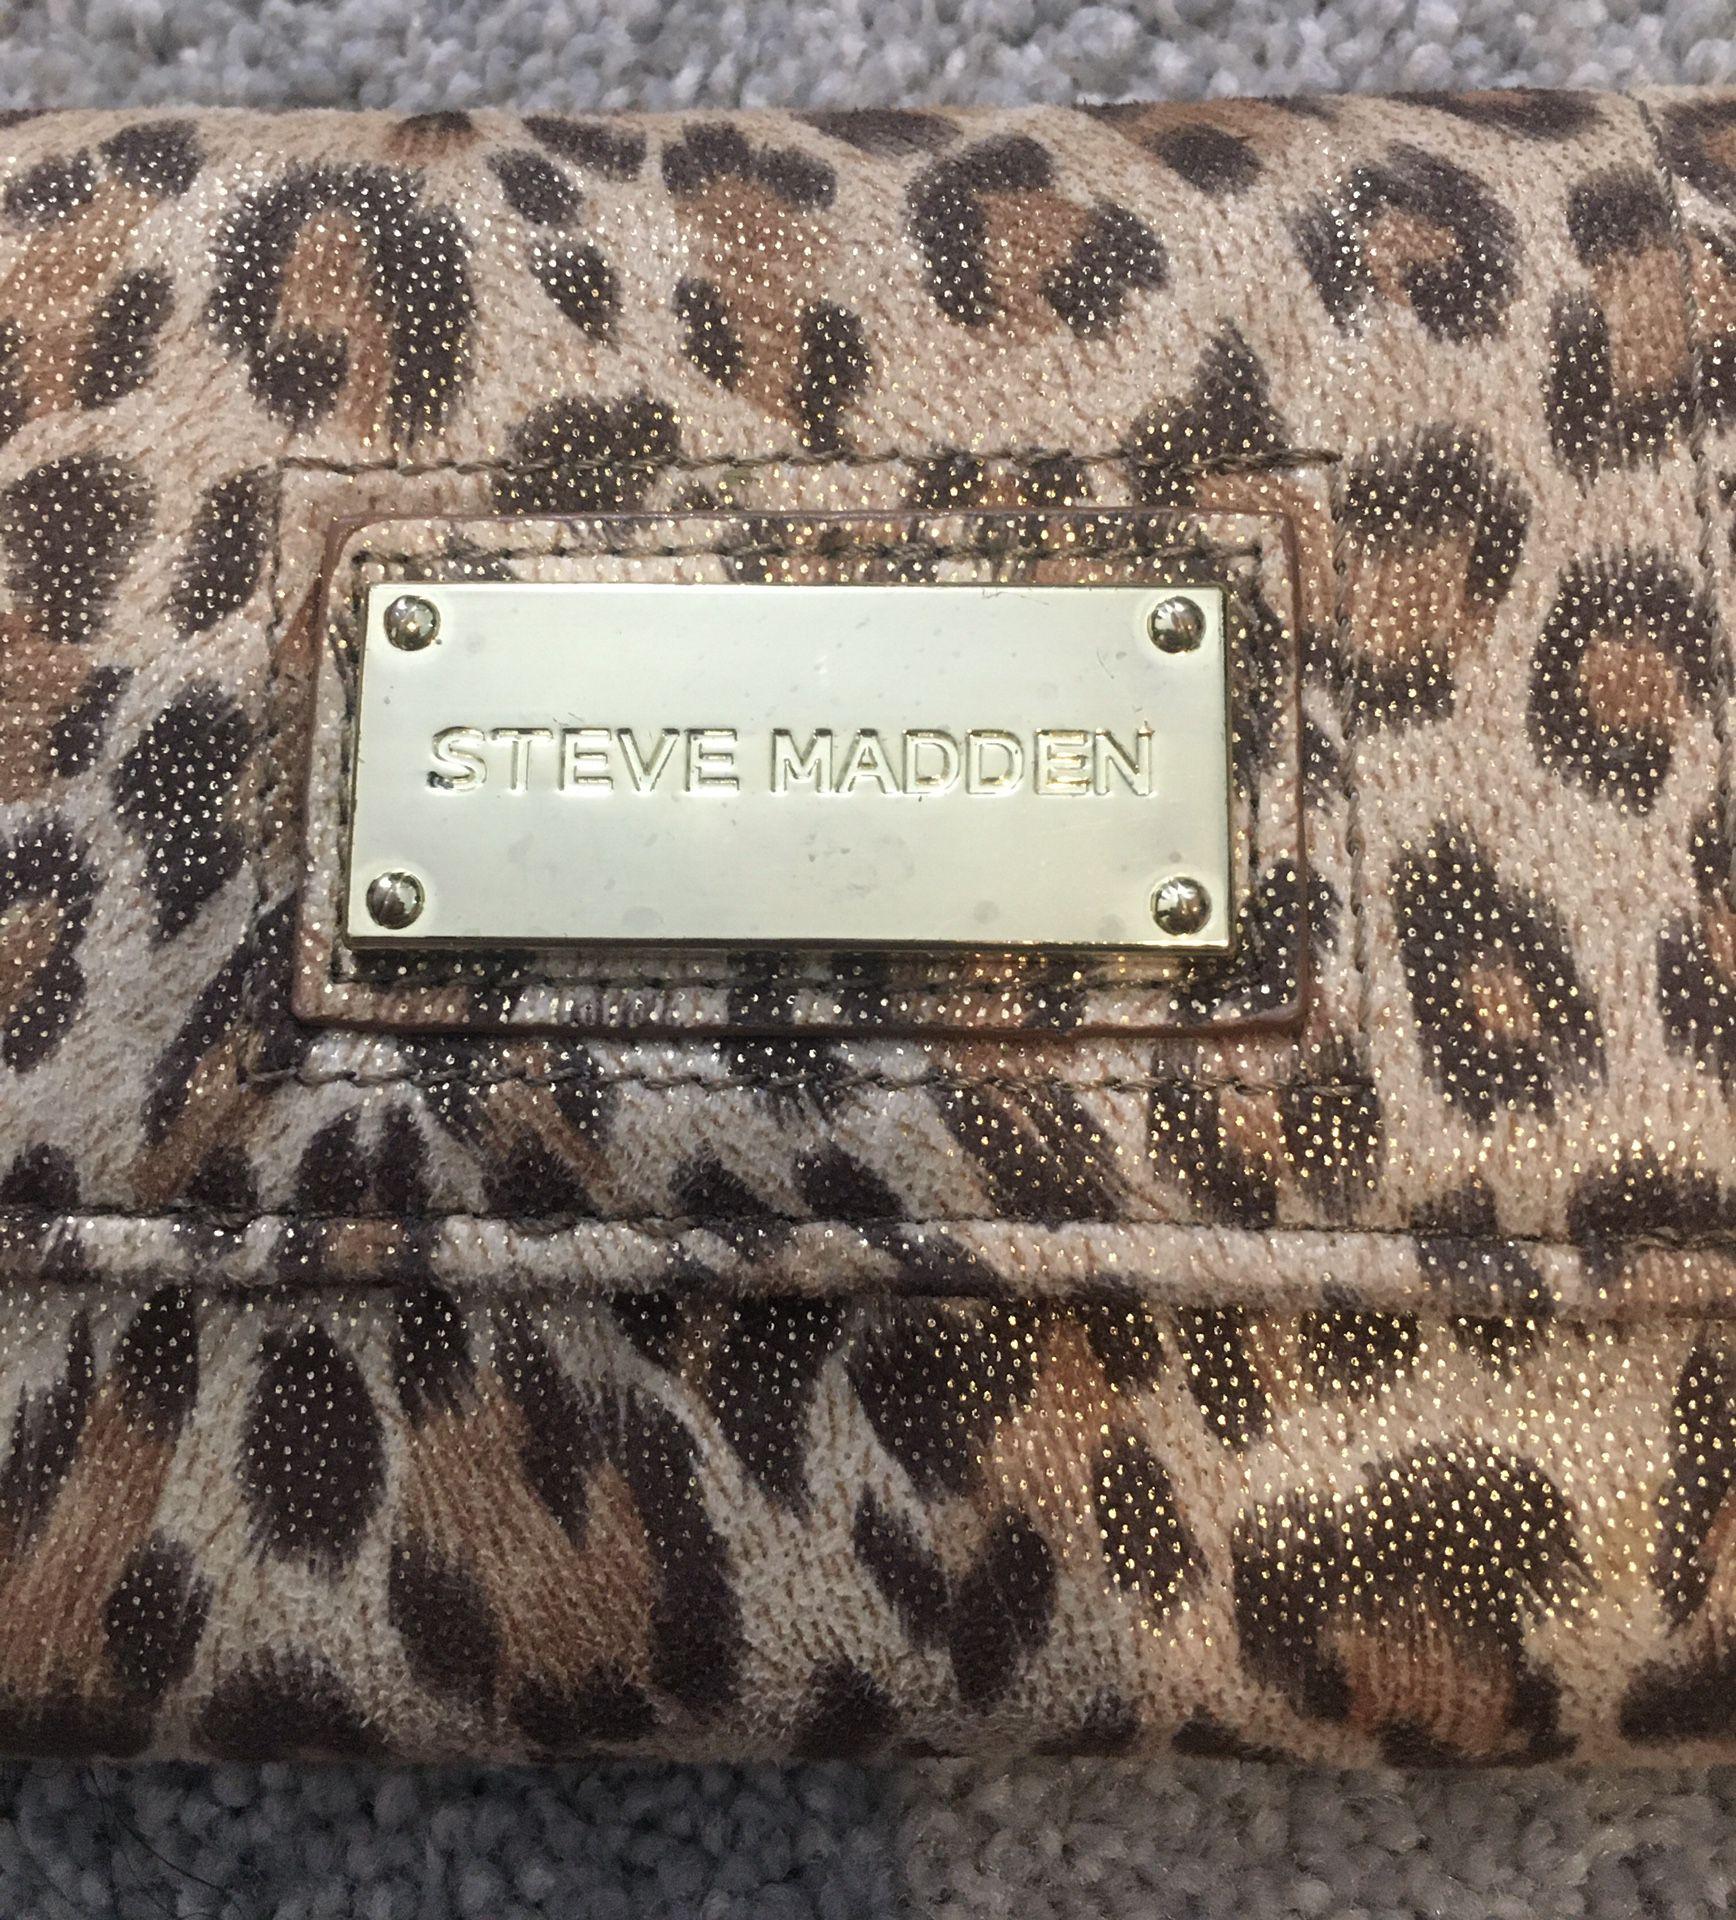 Genuine Steve Madden Wallet